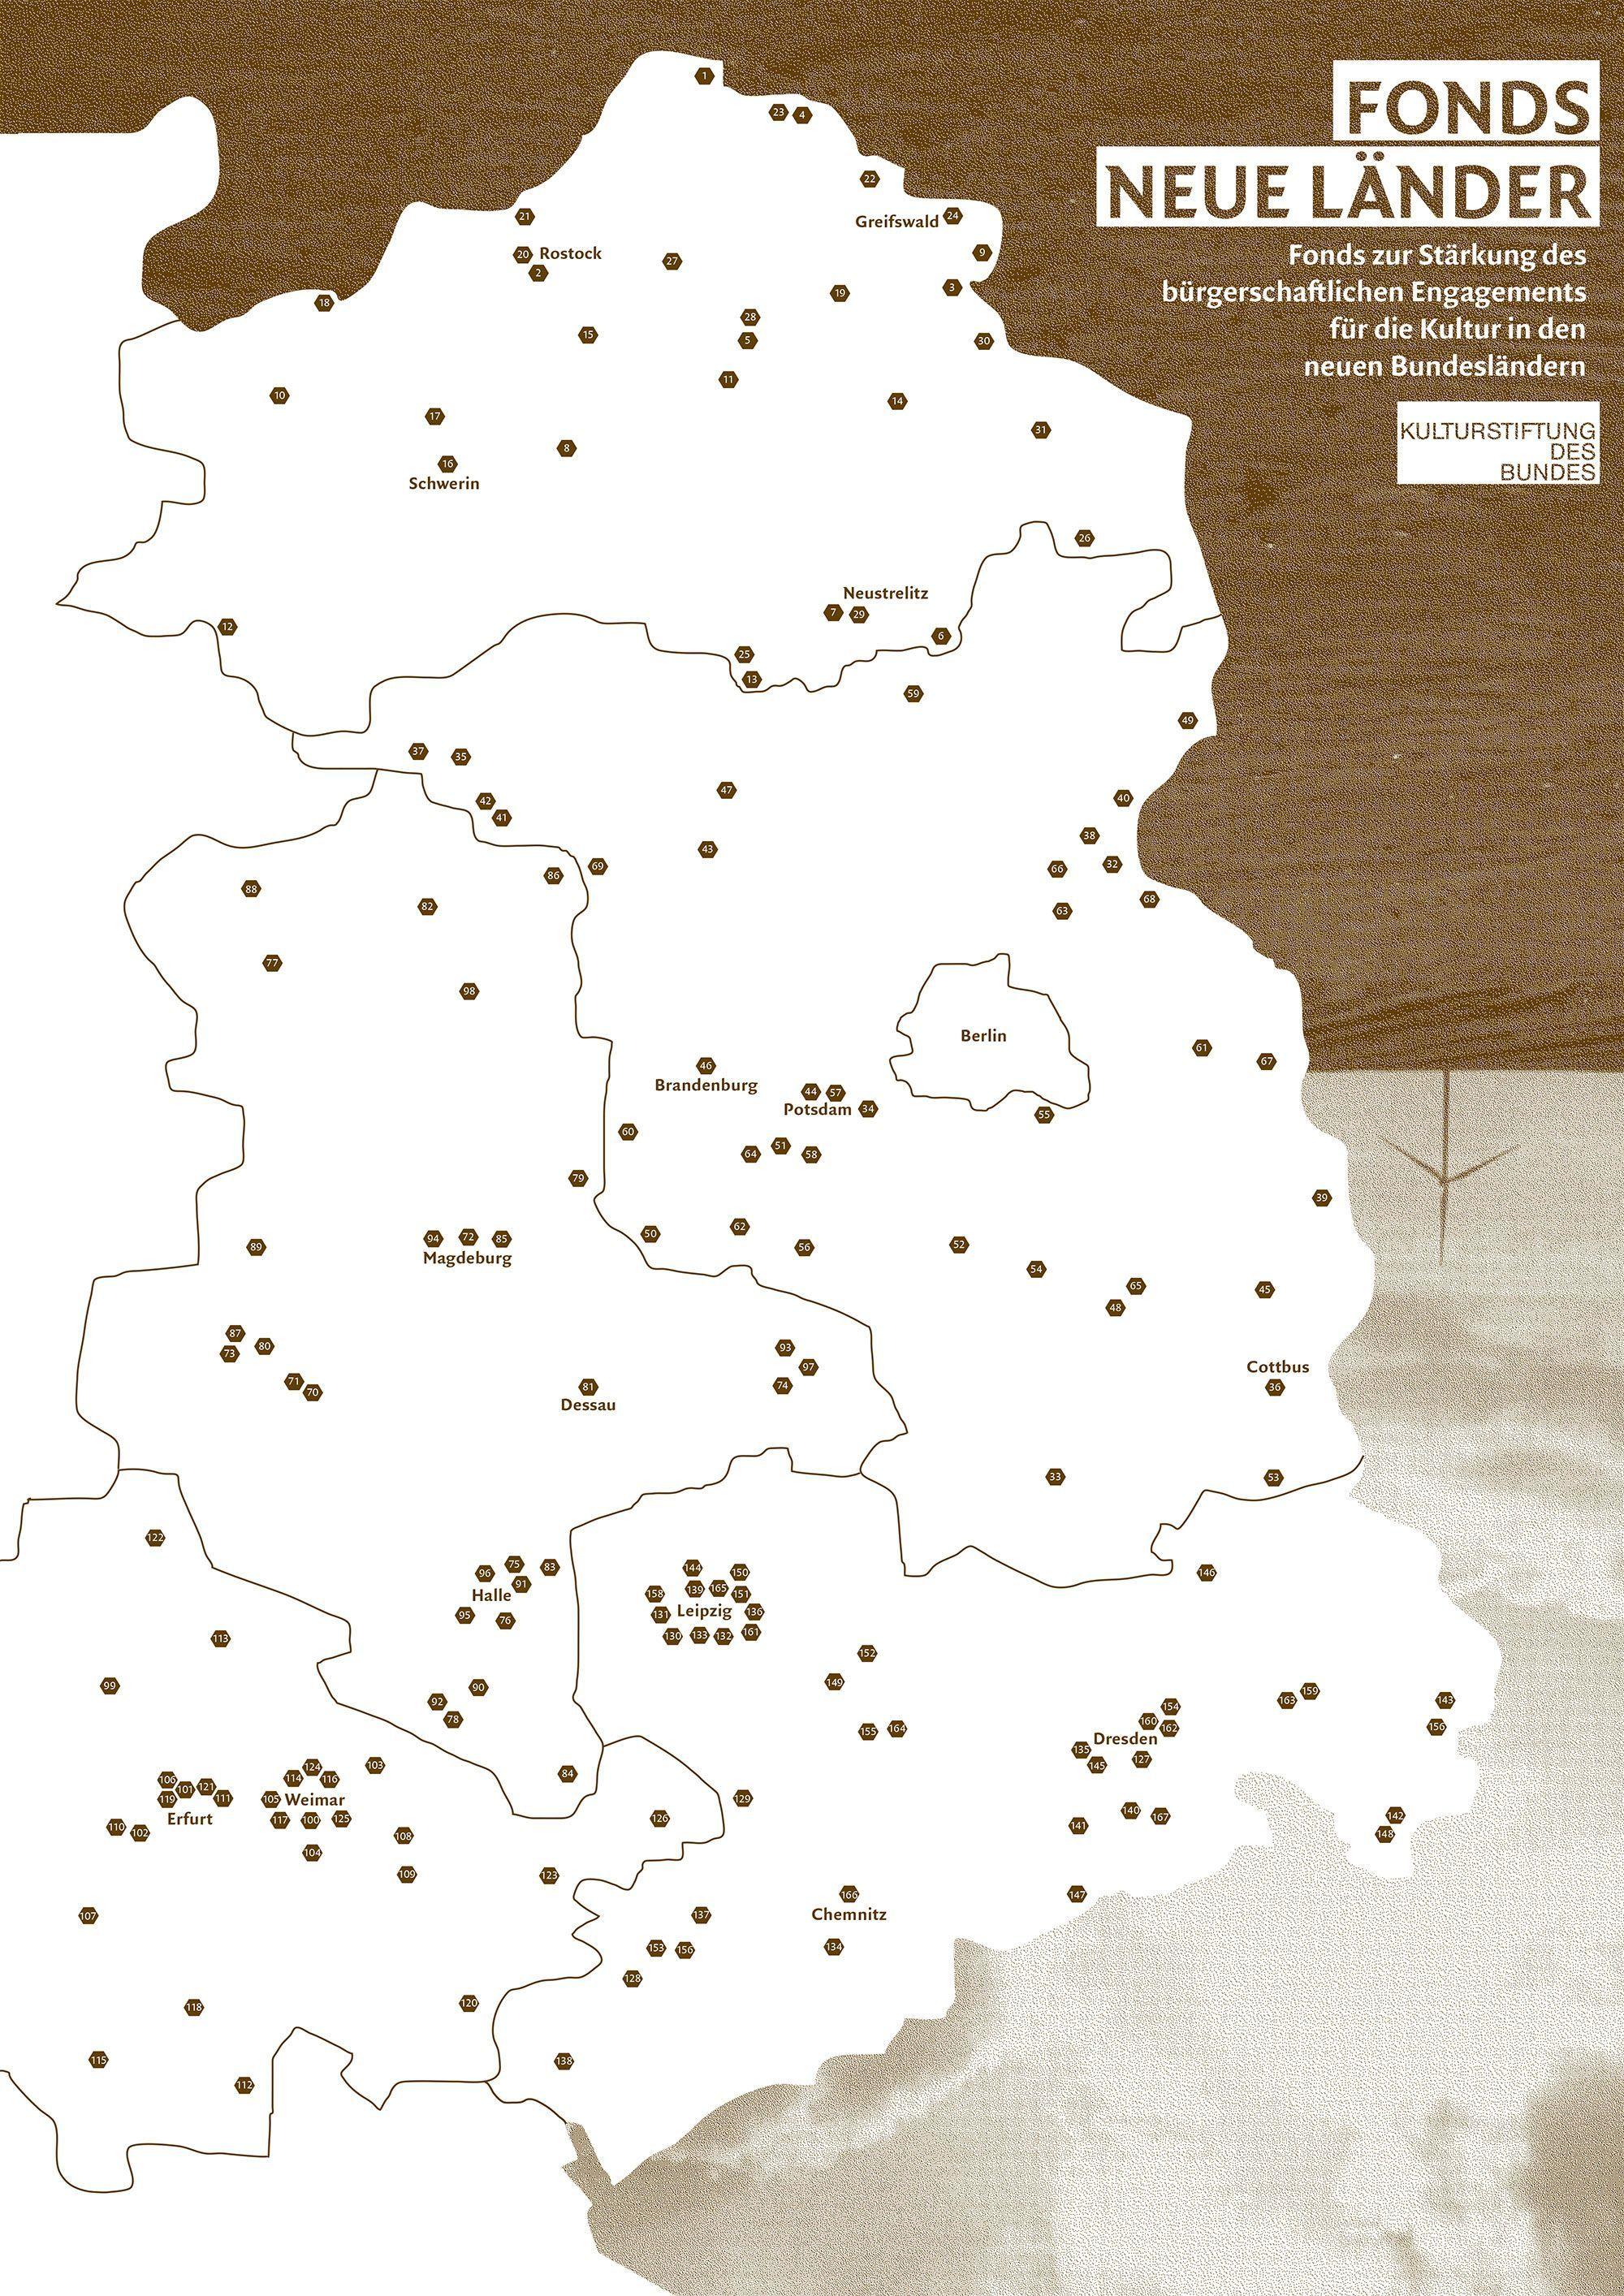 """Karte der neuen Bundesländer mit Hervorhebung diverser Städte und Schriftzug """"Fonds Neue Länder"""""""